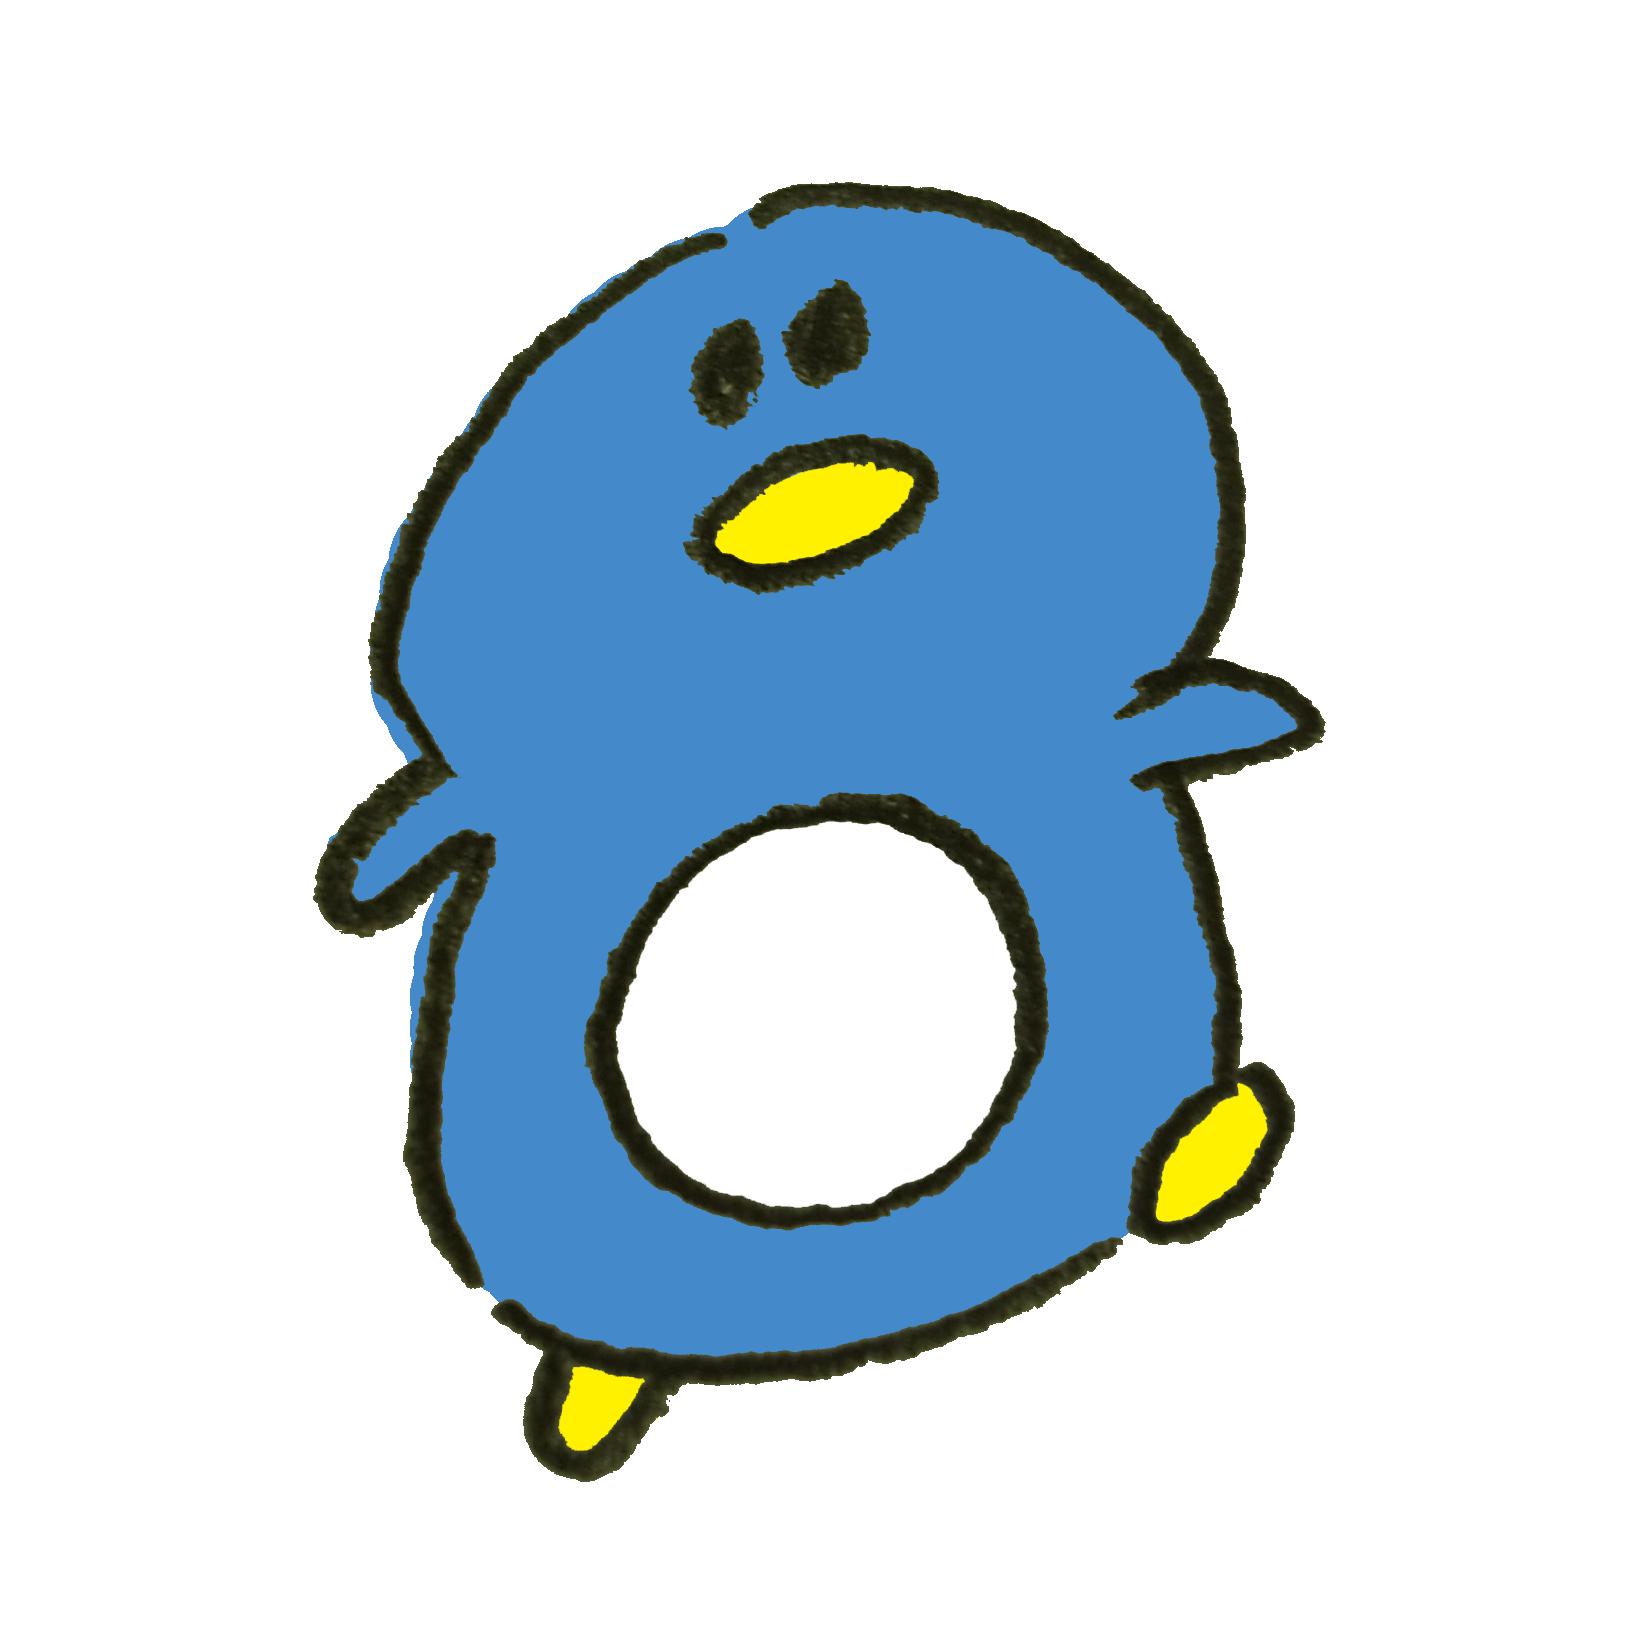 ペンギンのイラスト ゆるくてかわいい無料イラスト素材屋ぴよたそ